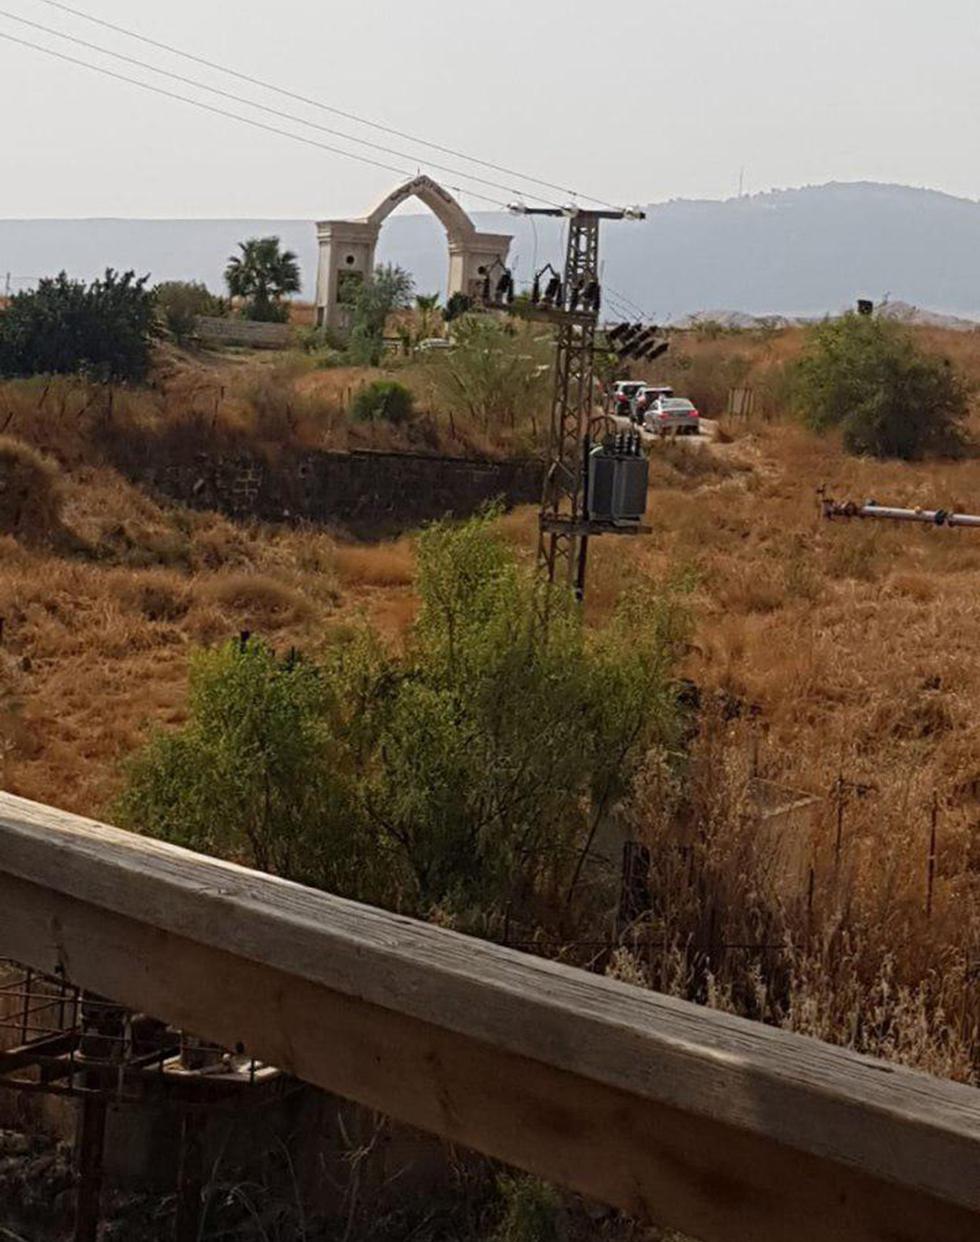 ישראלים נכנסים ל ירדן דרך נהריים  (צילום: רותם כבסה)